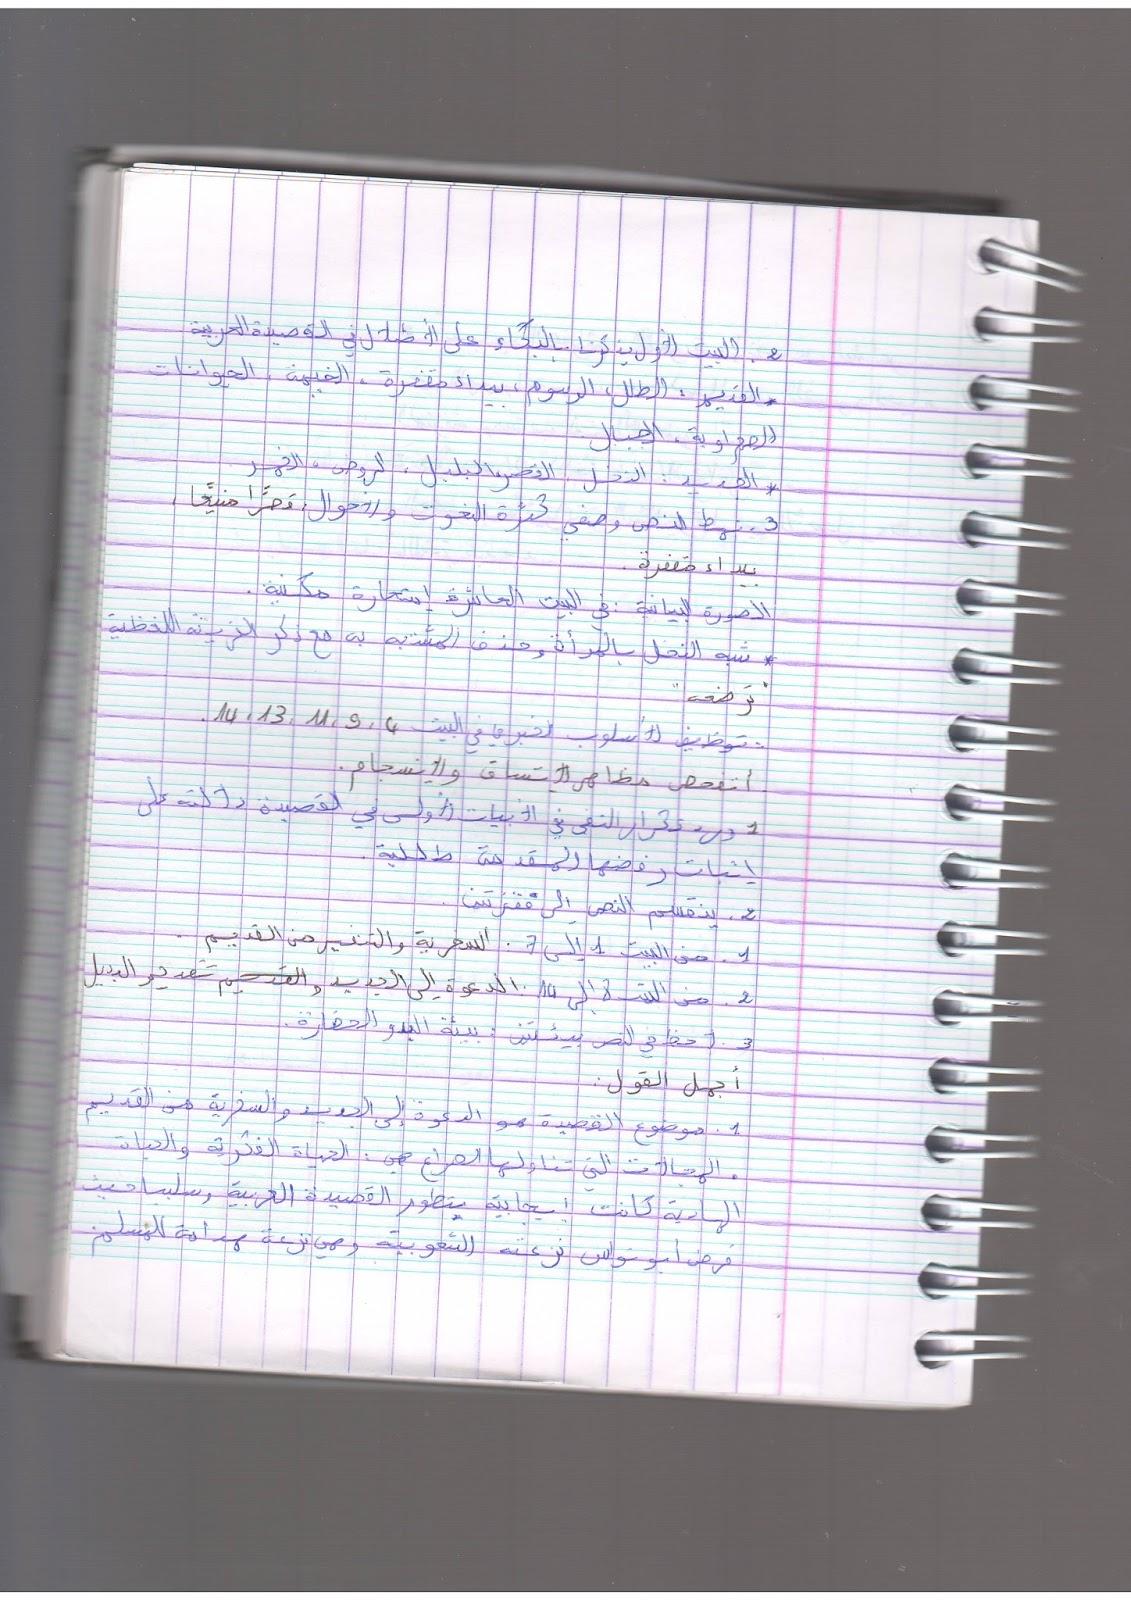 تحضير نص وصف النخل لابي نواس للسنة الثانية 2 ثانوي شعبة الاداب  Image0003